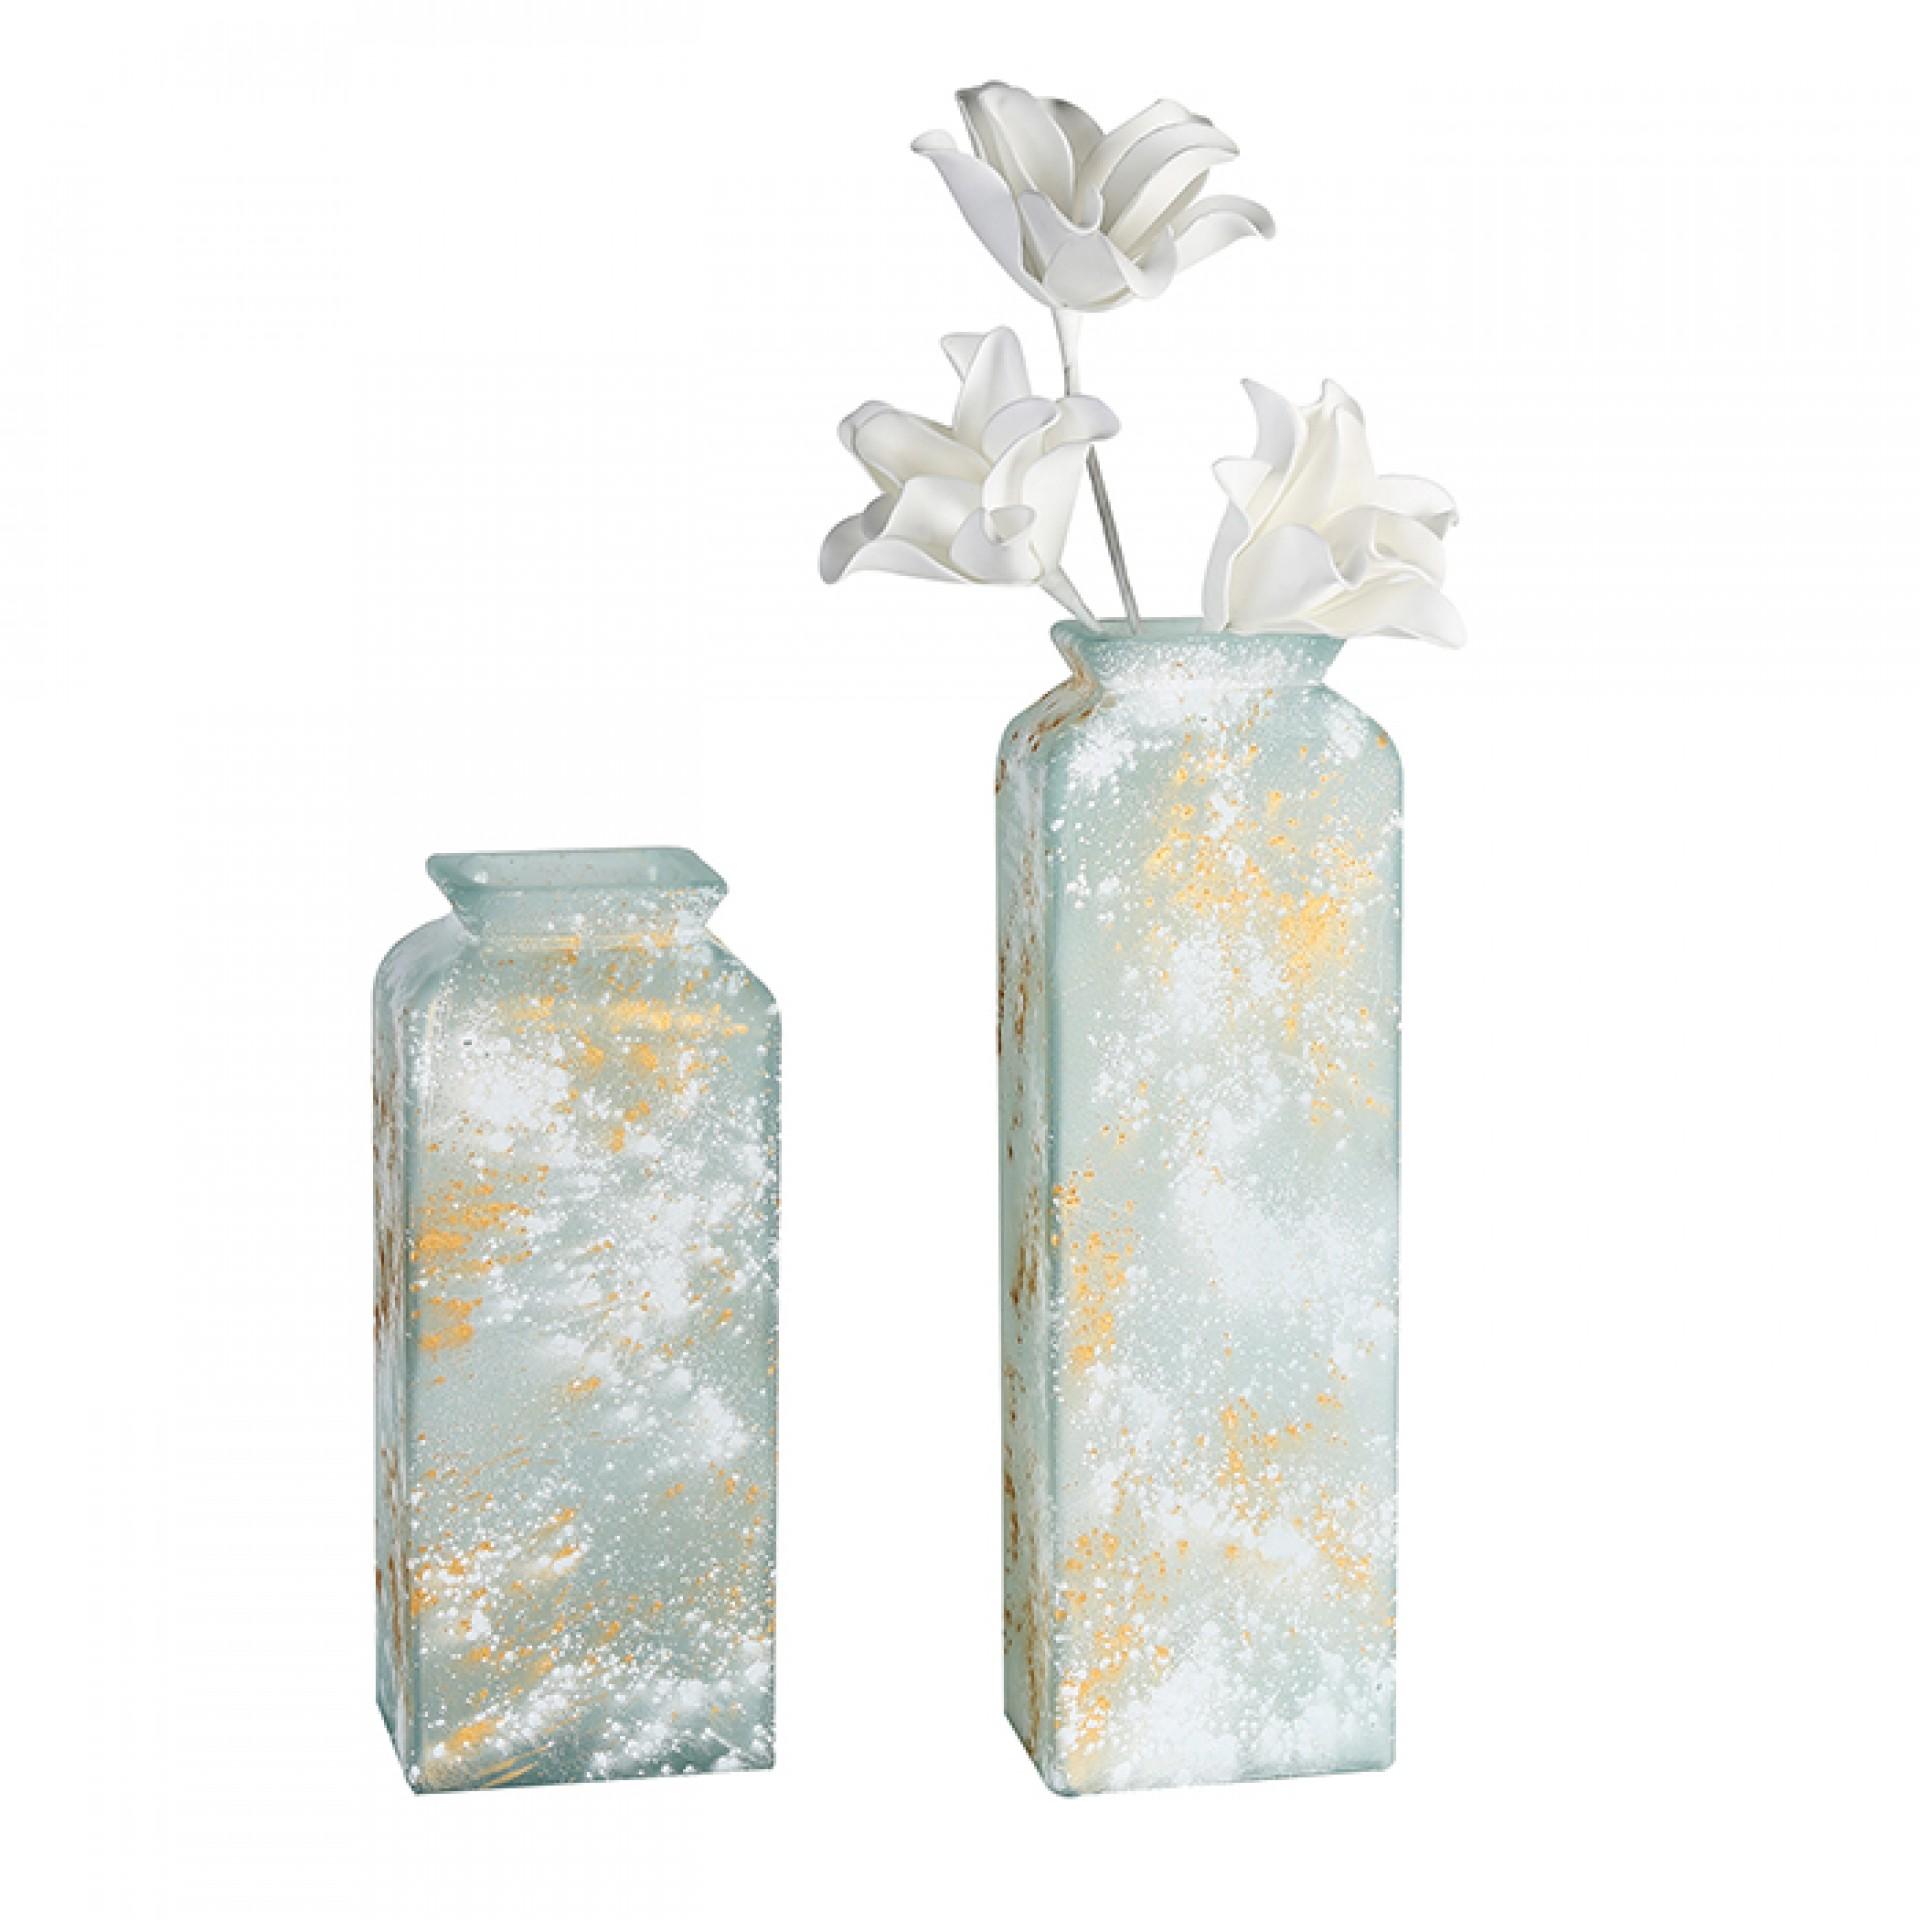 Váza z recyklovaného skla Gallos, 45 cm, bílá/zlatá